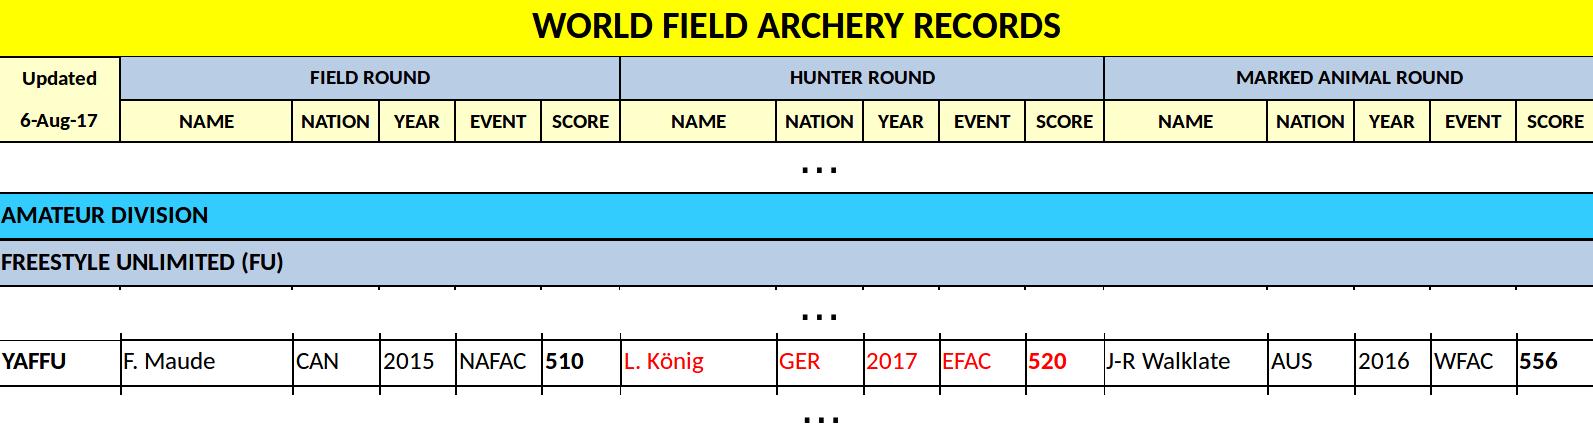 Luana König: neuer Weltrekord (IFAA)